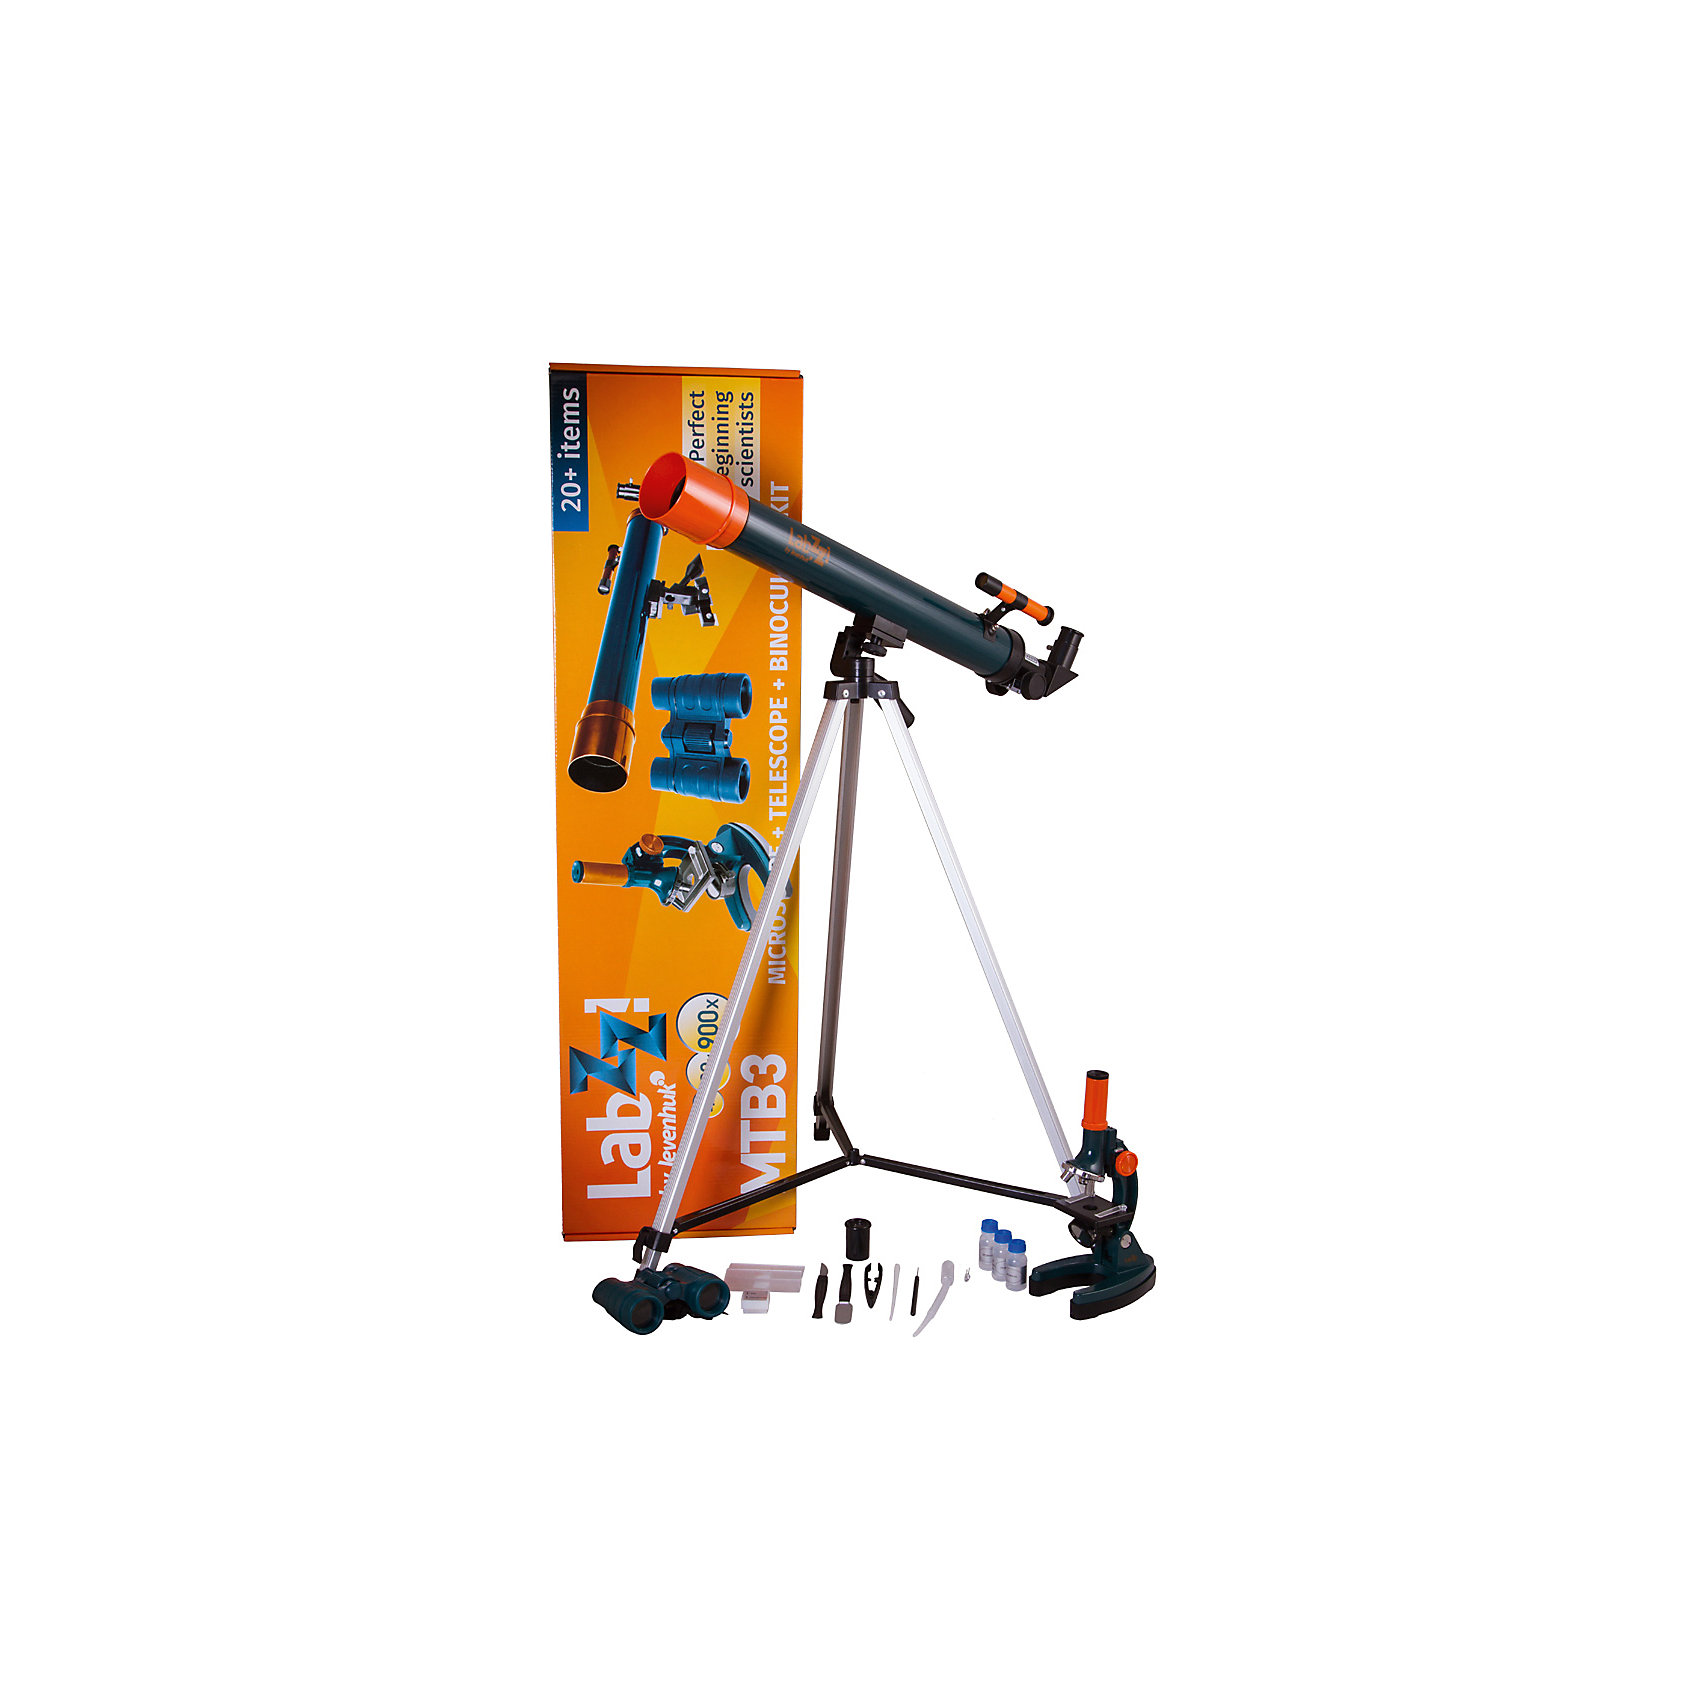 Набор Levenhuk LabZZ MTВ3: микроскоп, телескоп и бинокльТелескопы<br>Характеристики товара:<br><br>• материал: металл, пластик<br>• увеличение микроскопа: до 900 крат<br>• подсветка микроскопа: зеркало<br>• объективы: 15х, 45х, 90х<br>• комплектация: микроскоп, телескоп, бинокль<br>• тип телескопа: рефрактор<br>• фокусное расстояние: 600<br>• световой диаметр (Апертура): 50 мм<br>• окуляры: 5 мм, 10 мм<br>• искатель: оптический, 2х<br>• тренога алюминиевая 650–1150 мм<br>• увеличение бинокля: до 6 крат<br>• тип призмы: roof<br>• центральная фокусировка<br>• страна бренда: США<br>• страна производства: КНР<br><br>Собственный набор из микроскопа и телескопа - это отличный способ заинтересовать ребенка наукой и привить ему интерес к учебе. Эти модели были разработаны специально для детей - с их помощью дети могут исследовать состав и структуру разнообразных предметов, веществ и организмов, а также наблюдать за различными объектами. Благодаря стильному дизайну этот набор может стать украшением интерьера! Также в комплект входит бинокль.<br><br>Оптические приборы от американской компании Levenhuk уже успели зарекомендовать себя как качественная и надежная продукция. Для их производства используются только безопасные и проверенные материалы. Такой прибор способен прослужить долго. Подарите ребенку интересную и полезную вещь!<br><br>Набор Levenhuk LabZZ MTВ3: микроскоп, телескоп и бинокль от известного бренда Levenhuk (Левенгук) можно купить в нашем интернет-магазине.<br><br>Ширина мм: 880<br>Глубина мм: 240<br>Высота мм: 100<br>Вес г: 1974<br>Возраст от месяцев: 60<br>Возраст до месяцев: 2147483647<br>Пол: Унисекс<br>Возраст: Детский<br>SKU: 5435293